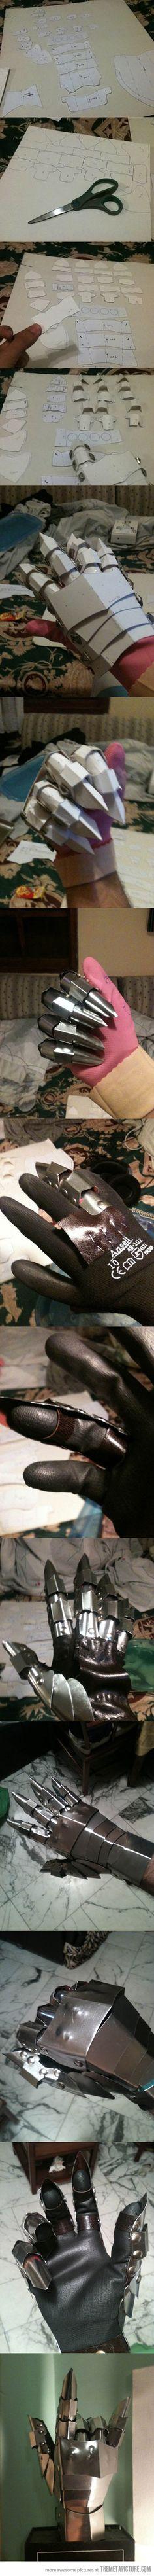 Making Sauron's hand…